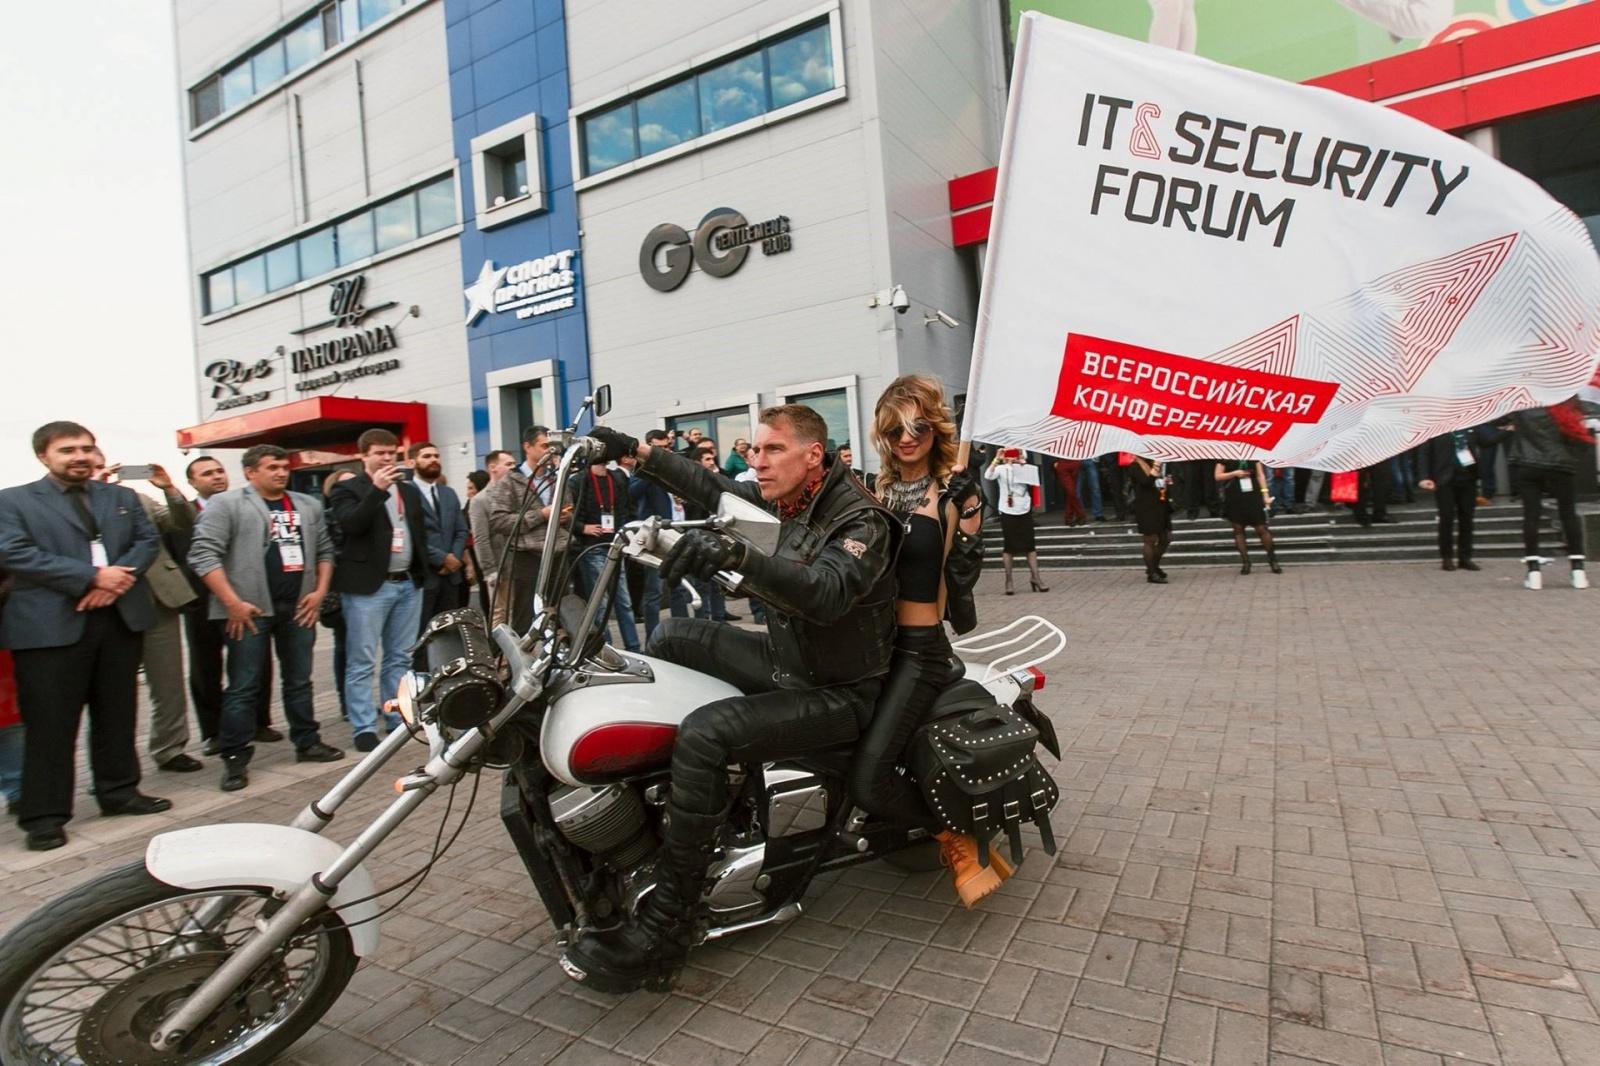 Завершение 11-й всероссийской конференции IT & Security Forum - 18